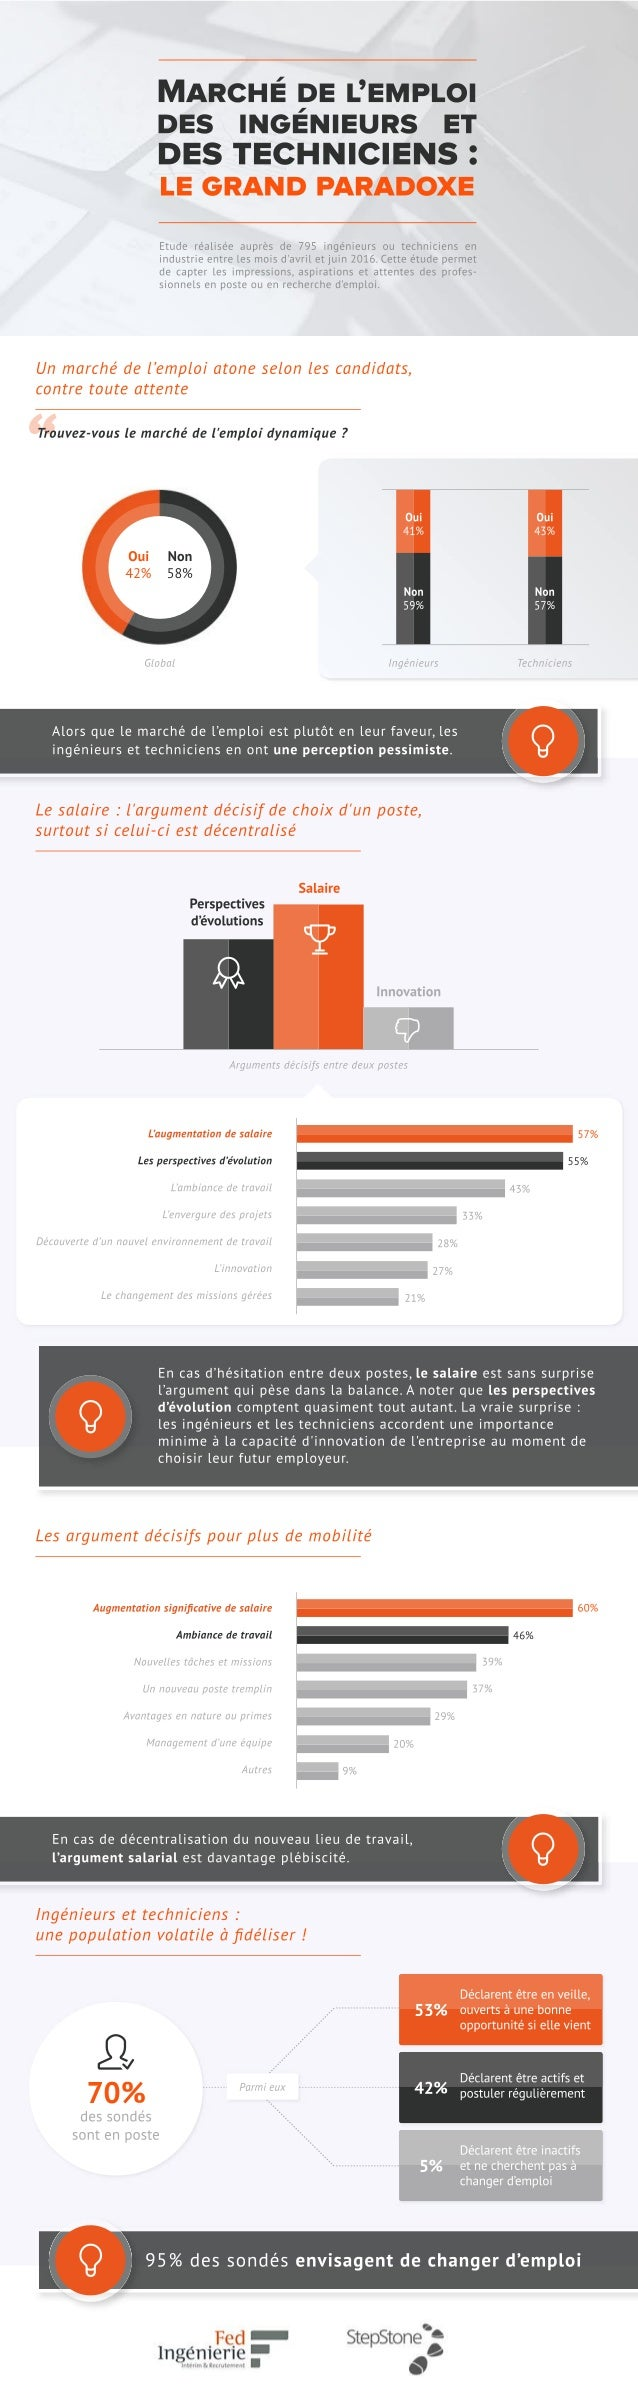 95%dessondésenvisagentdechangerd'emploi 70% dessondés sontenposte Parmieux Déclarentêtreenveille, ouvertsàunebonne opportu...